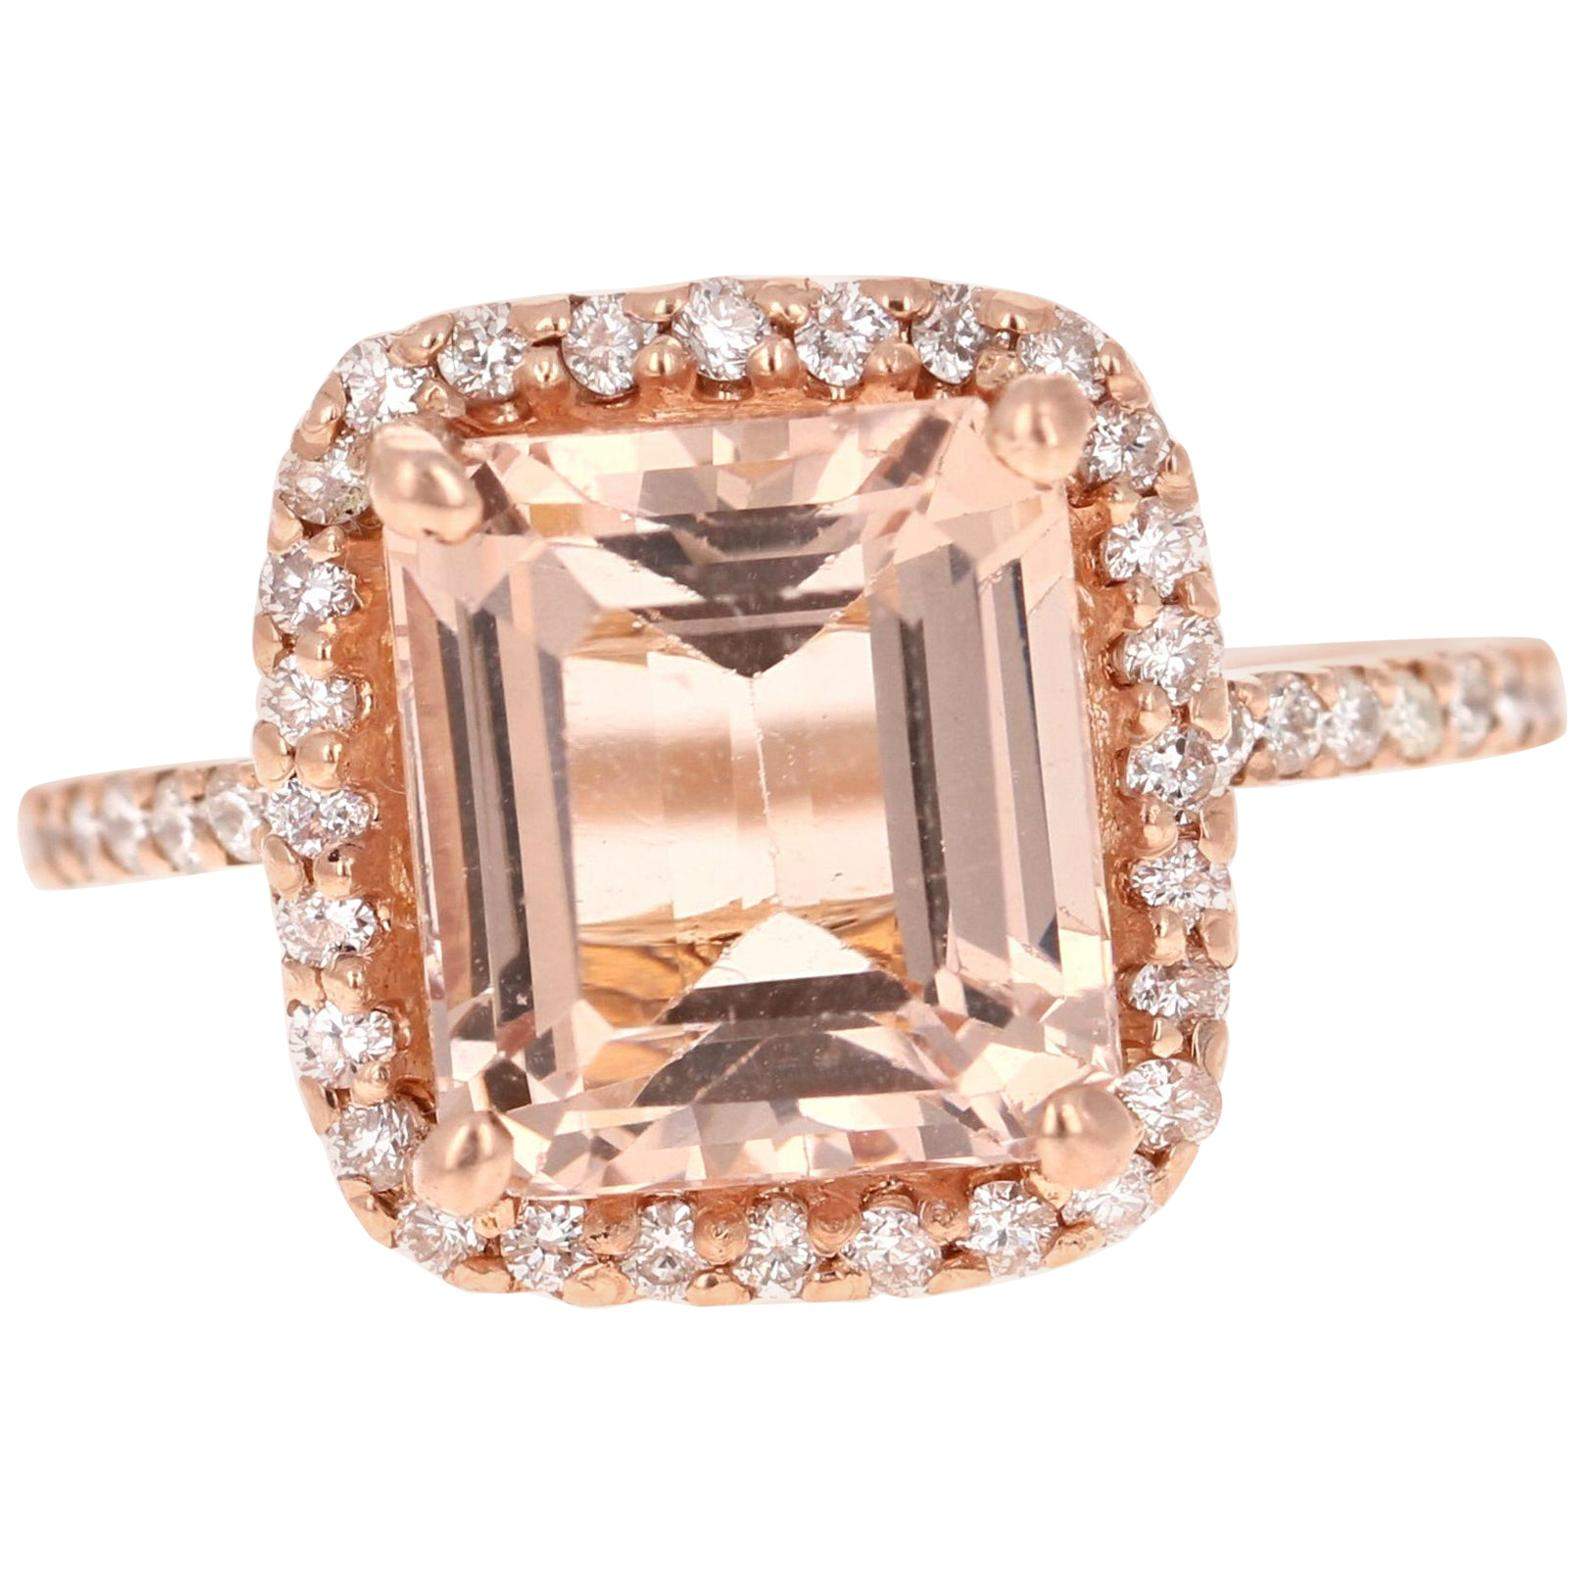 4.51 Carat Morganite Diamond 14 Karat Rose Gold Ring